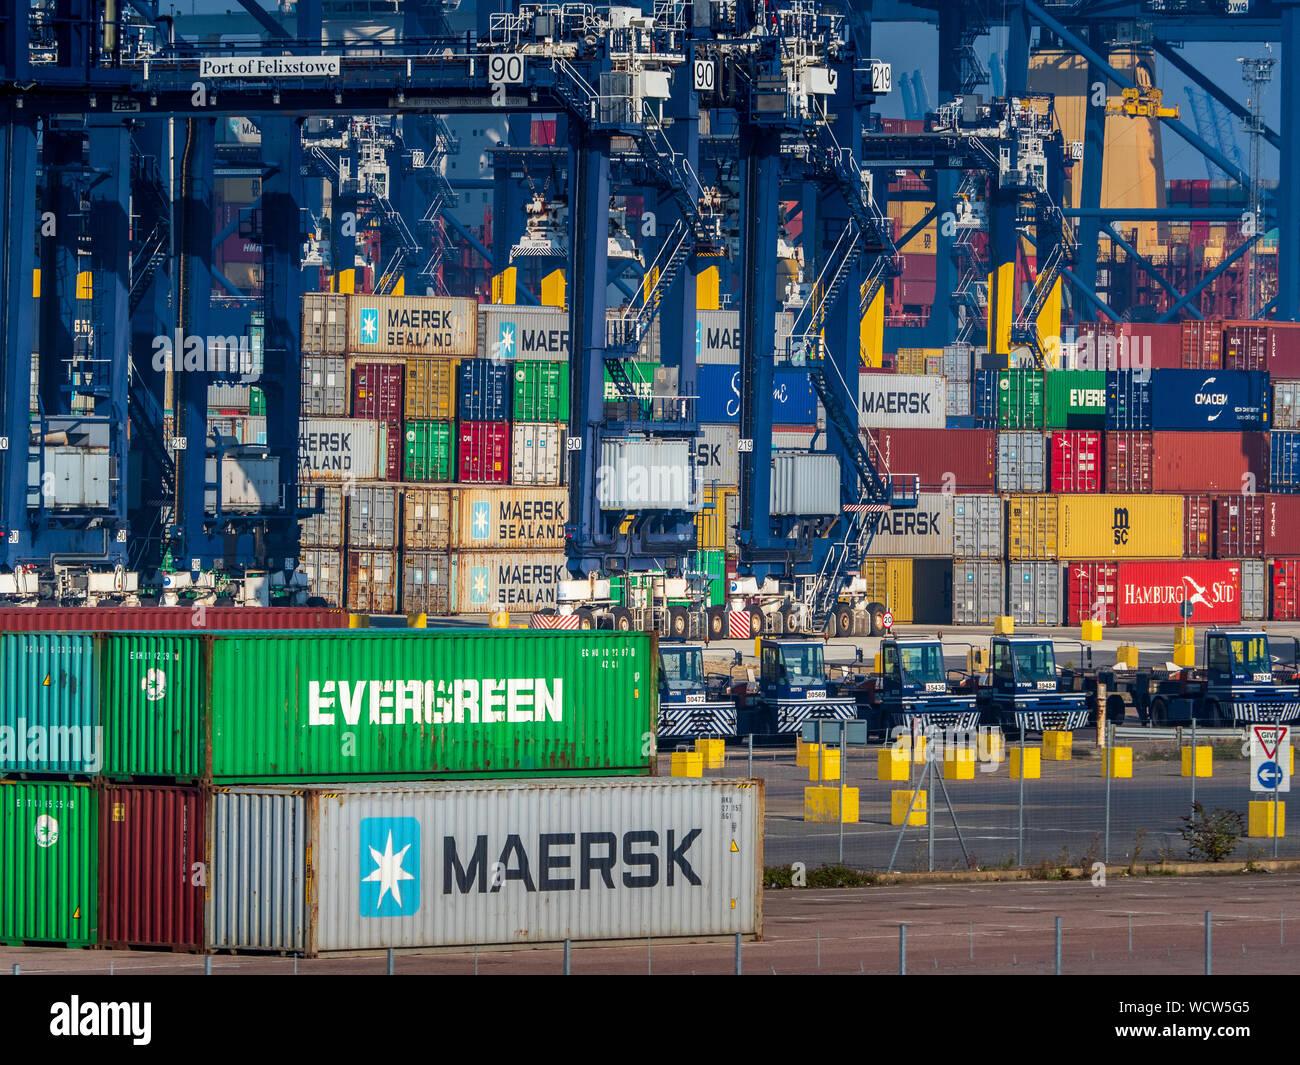 Global Britain UK Trade, UK Container Trade - UK Container Port - conteneurs d'expédition stockés au port Felixstowe, le plus grand port de conteneurs du Royaume-Uni Banque D'Images